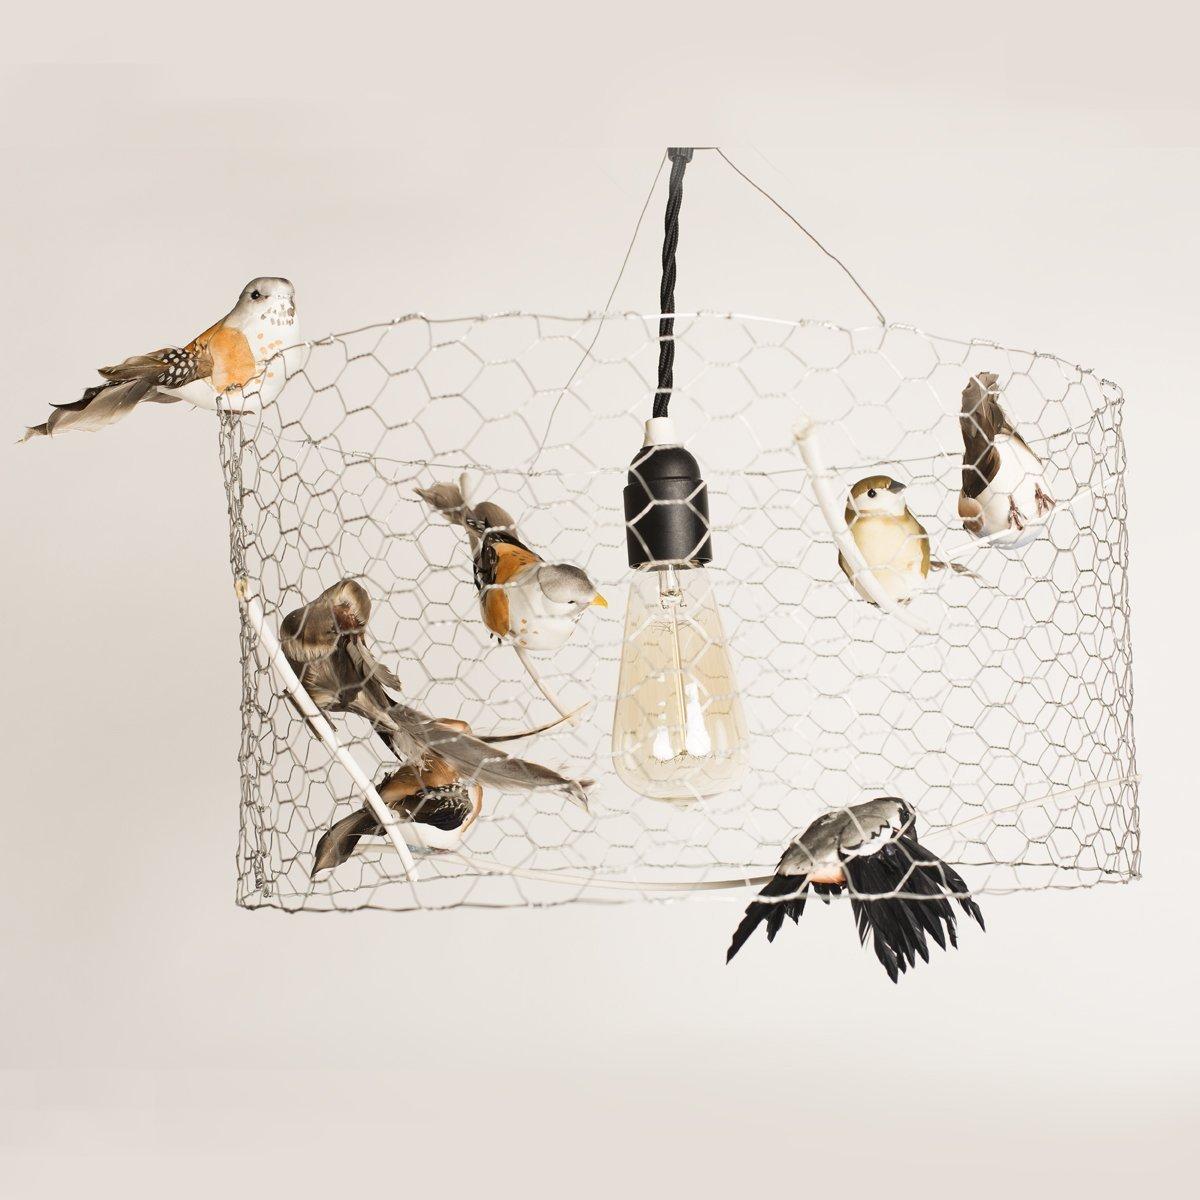 lámpara de techo tipo jaula lámpara colgante lámpara estilo campo lámparas de techo lámpara infantil lámpara para negocio